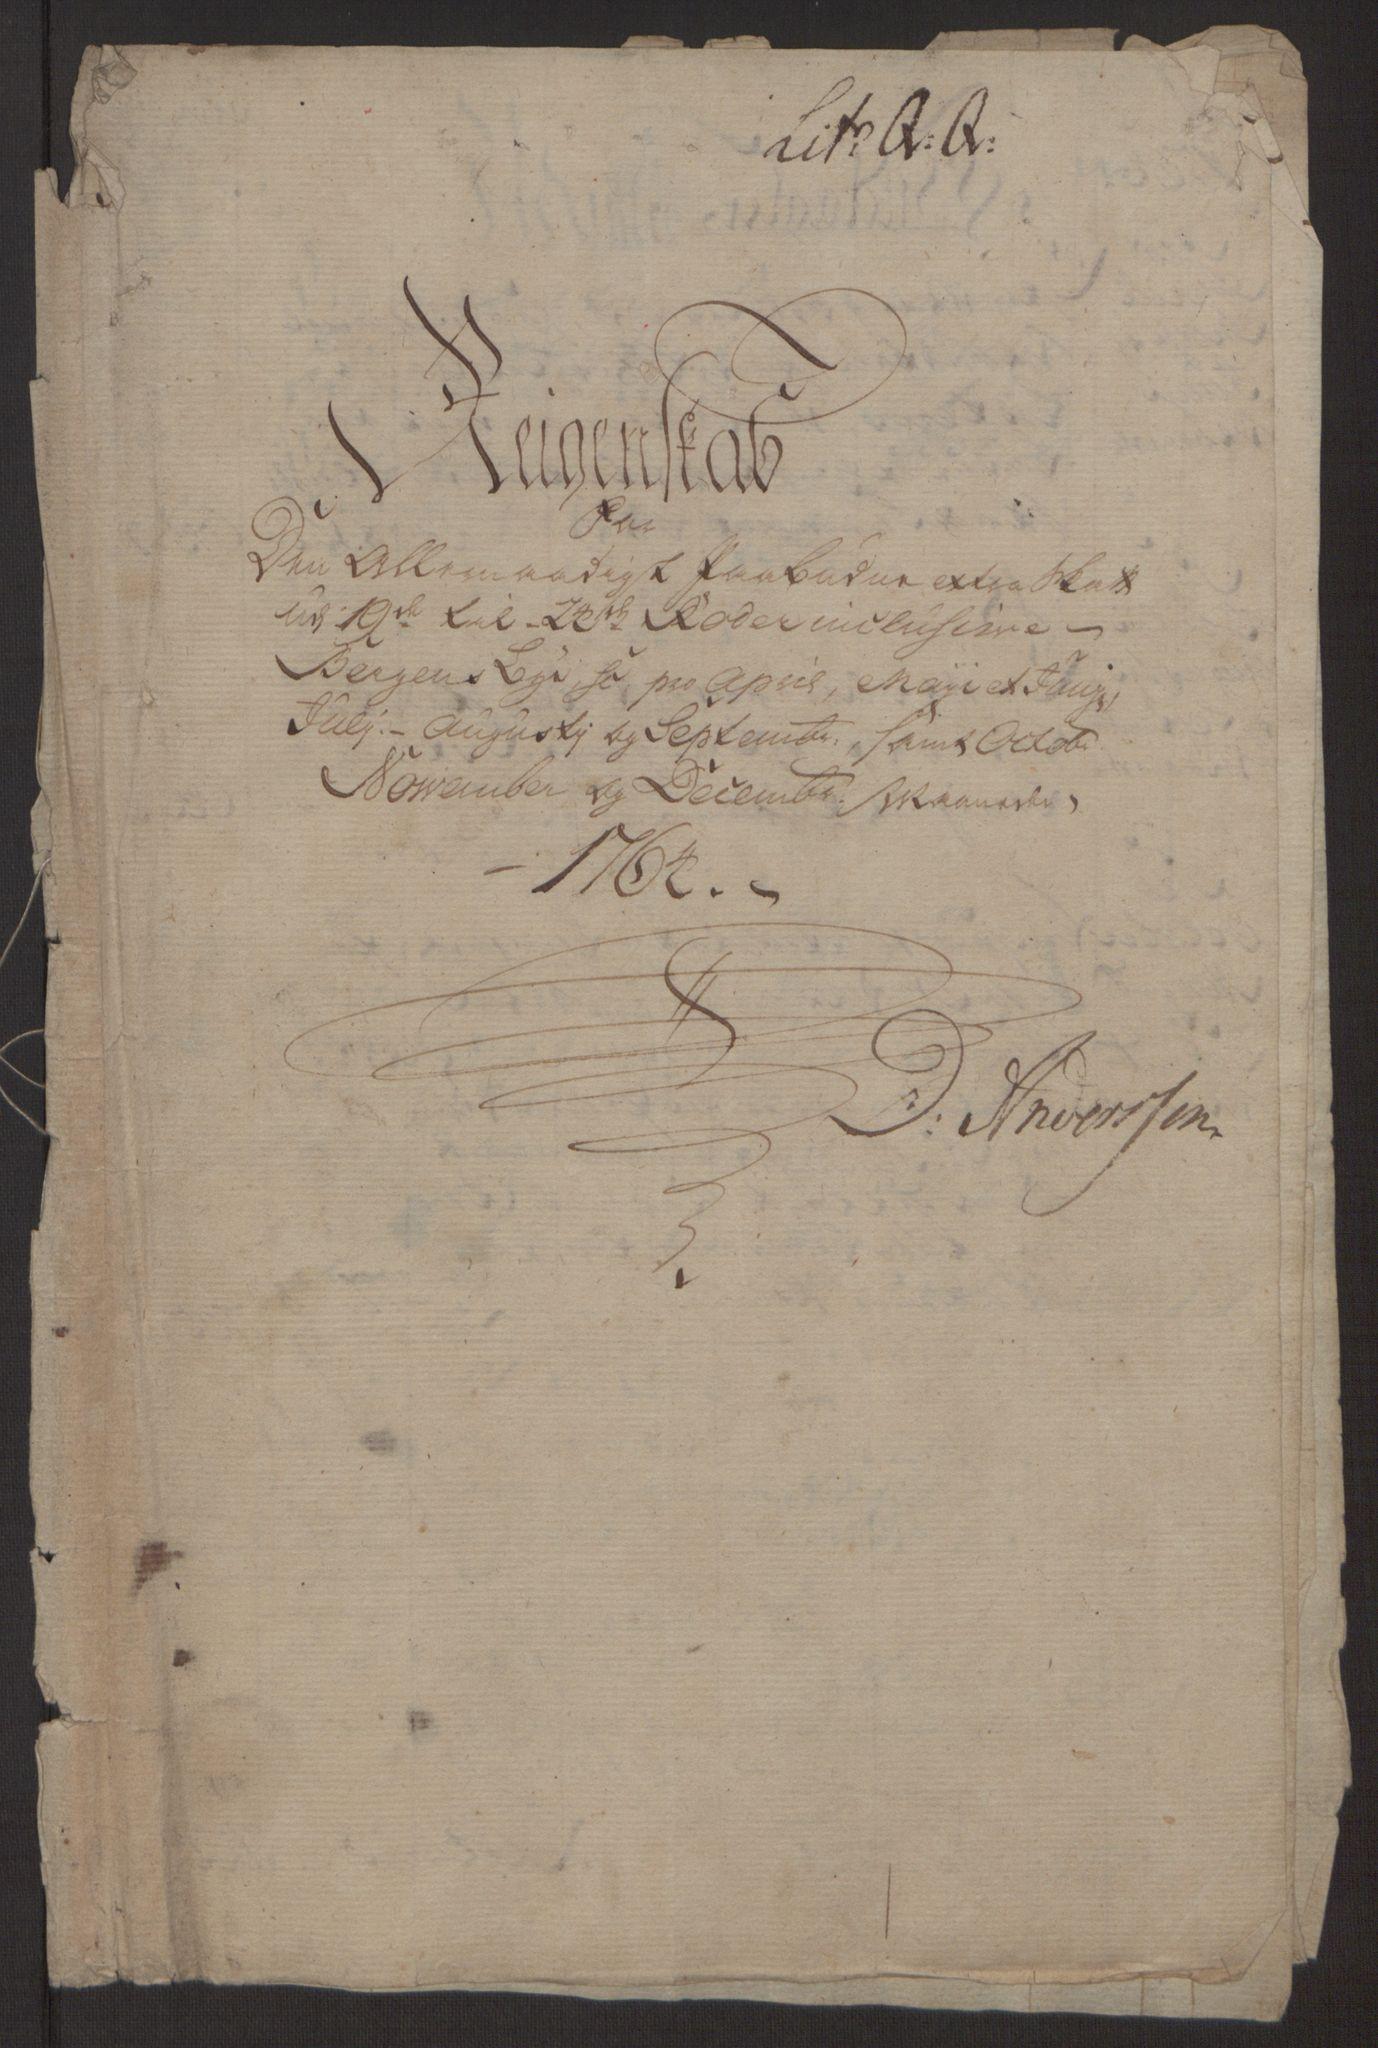 RA, Rentekammeret inntil 1814, Reviderte regnskaper, Byregnskaper, R/Rp/L0368: [P21] Kontribusjonsregnskap, 1764, s. 203